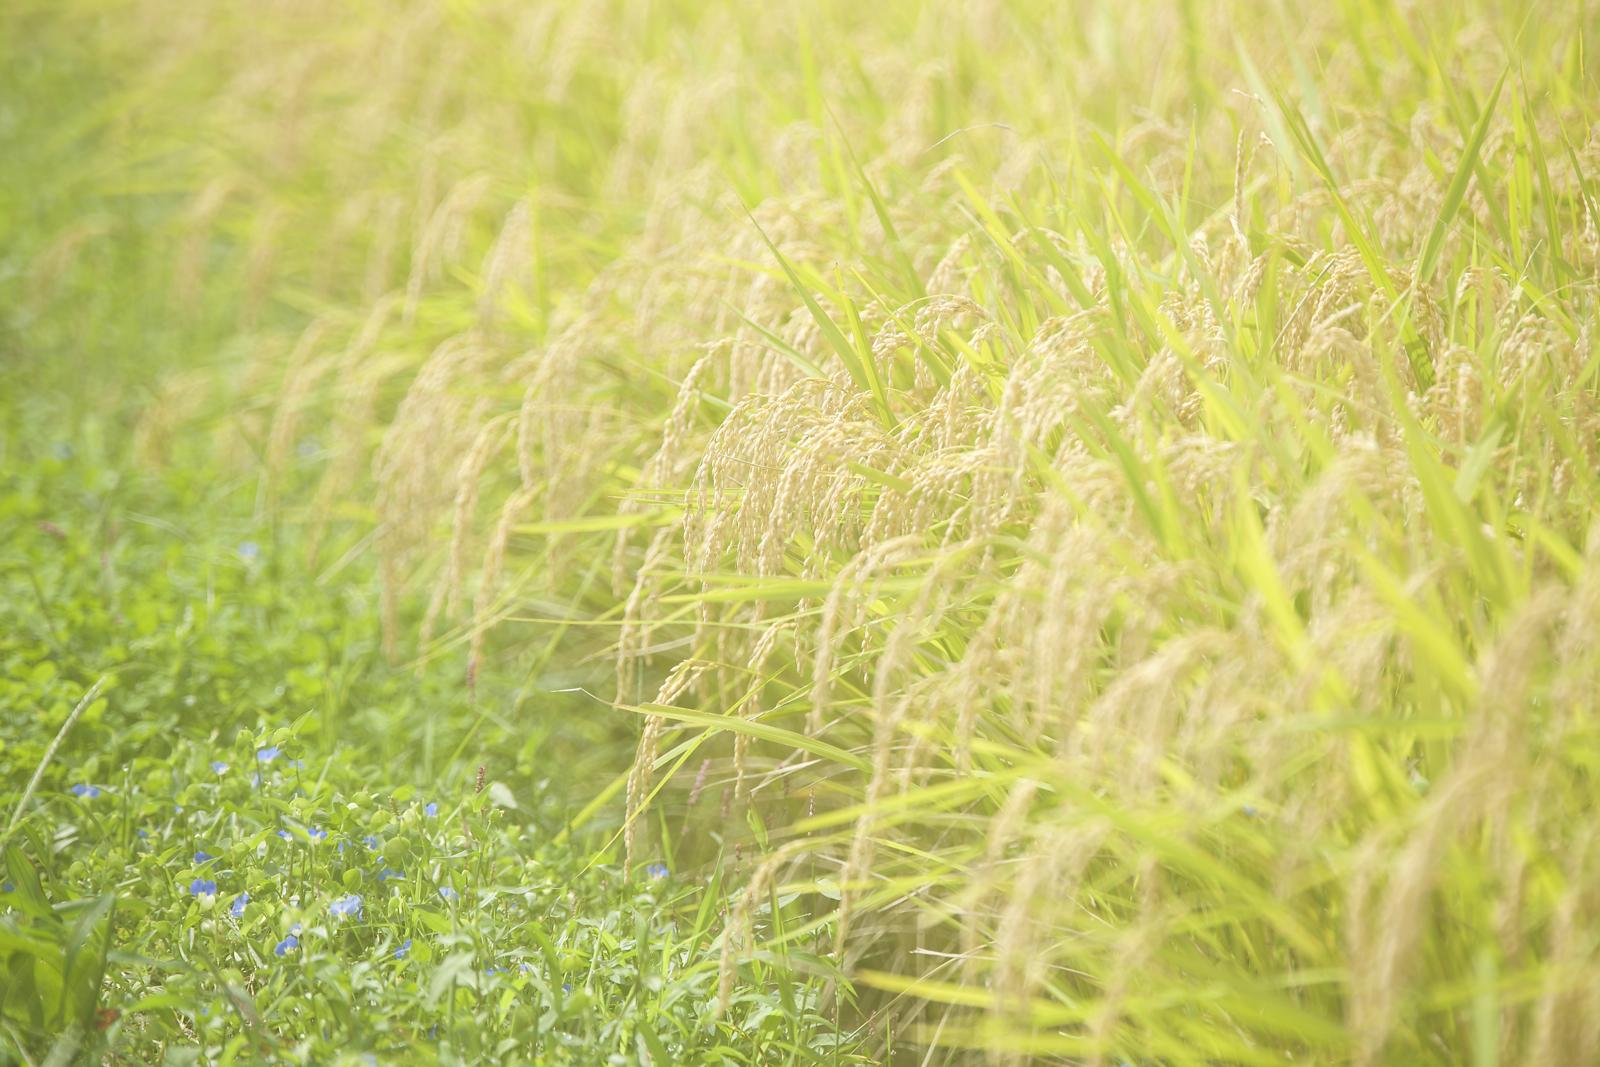 paddy-fields-of-yashirogawa-district-of-tanagura-town